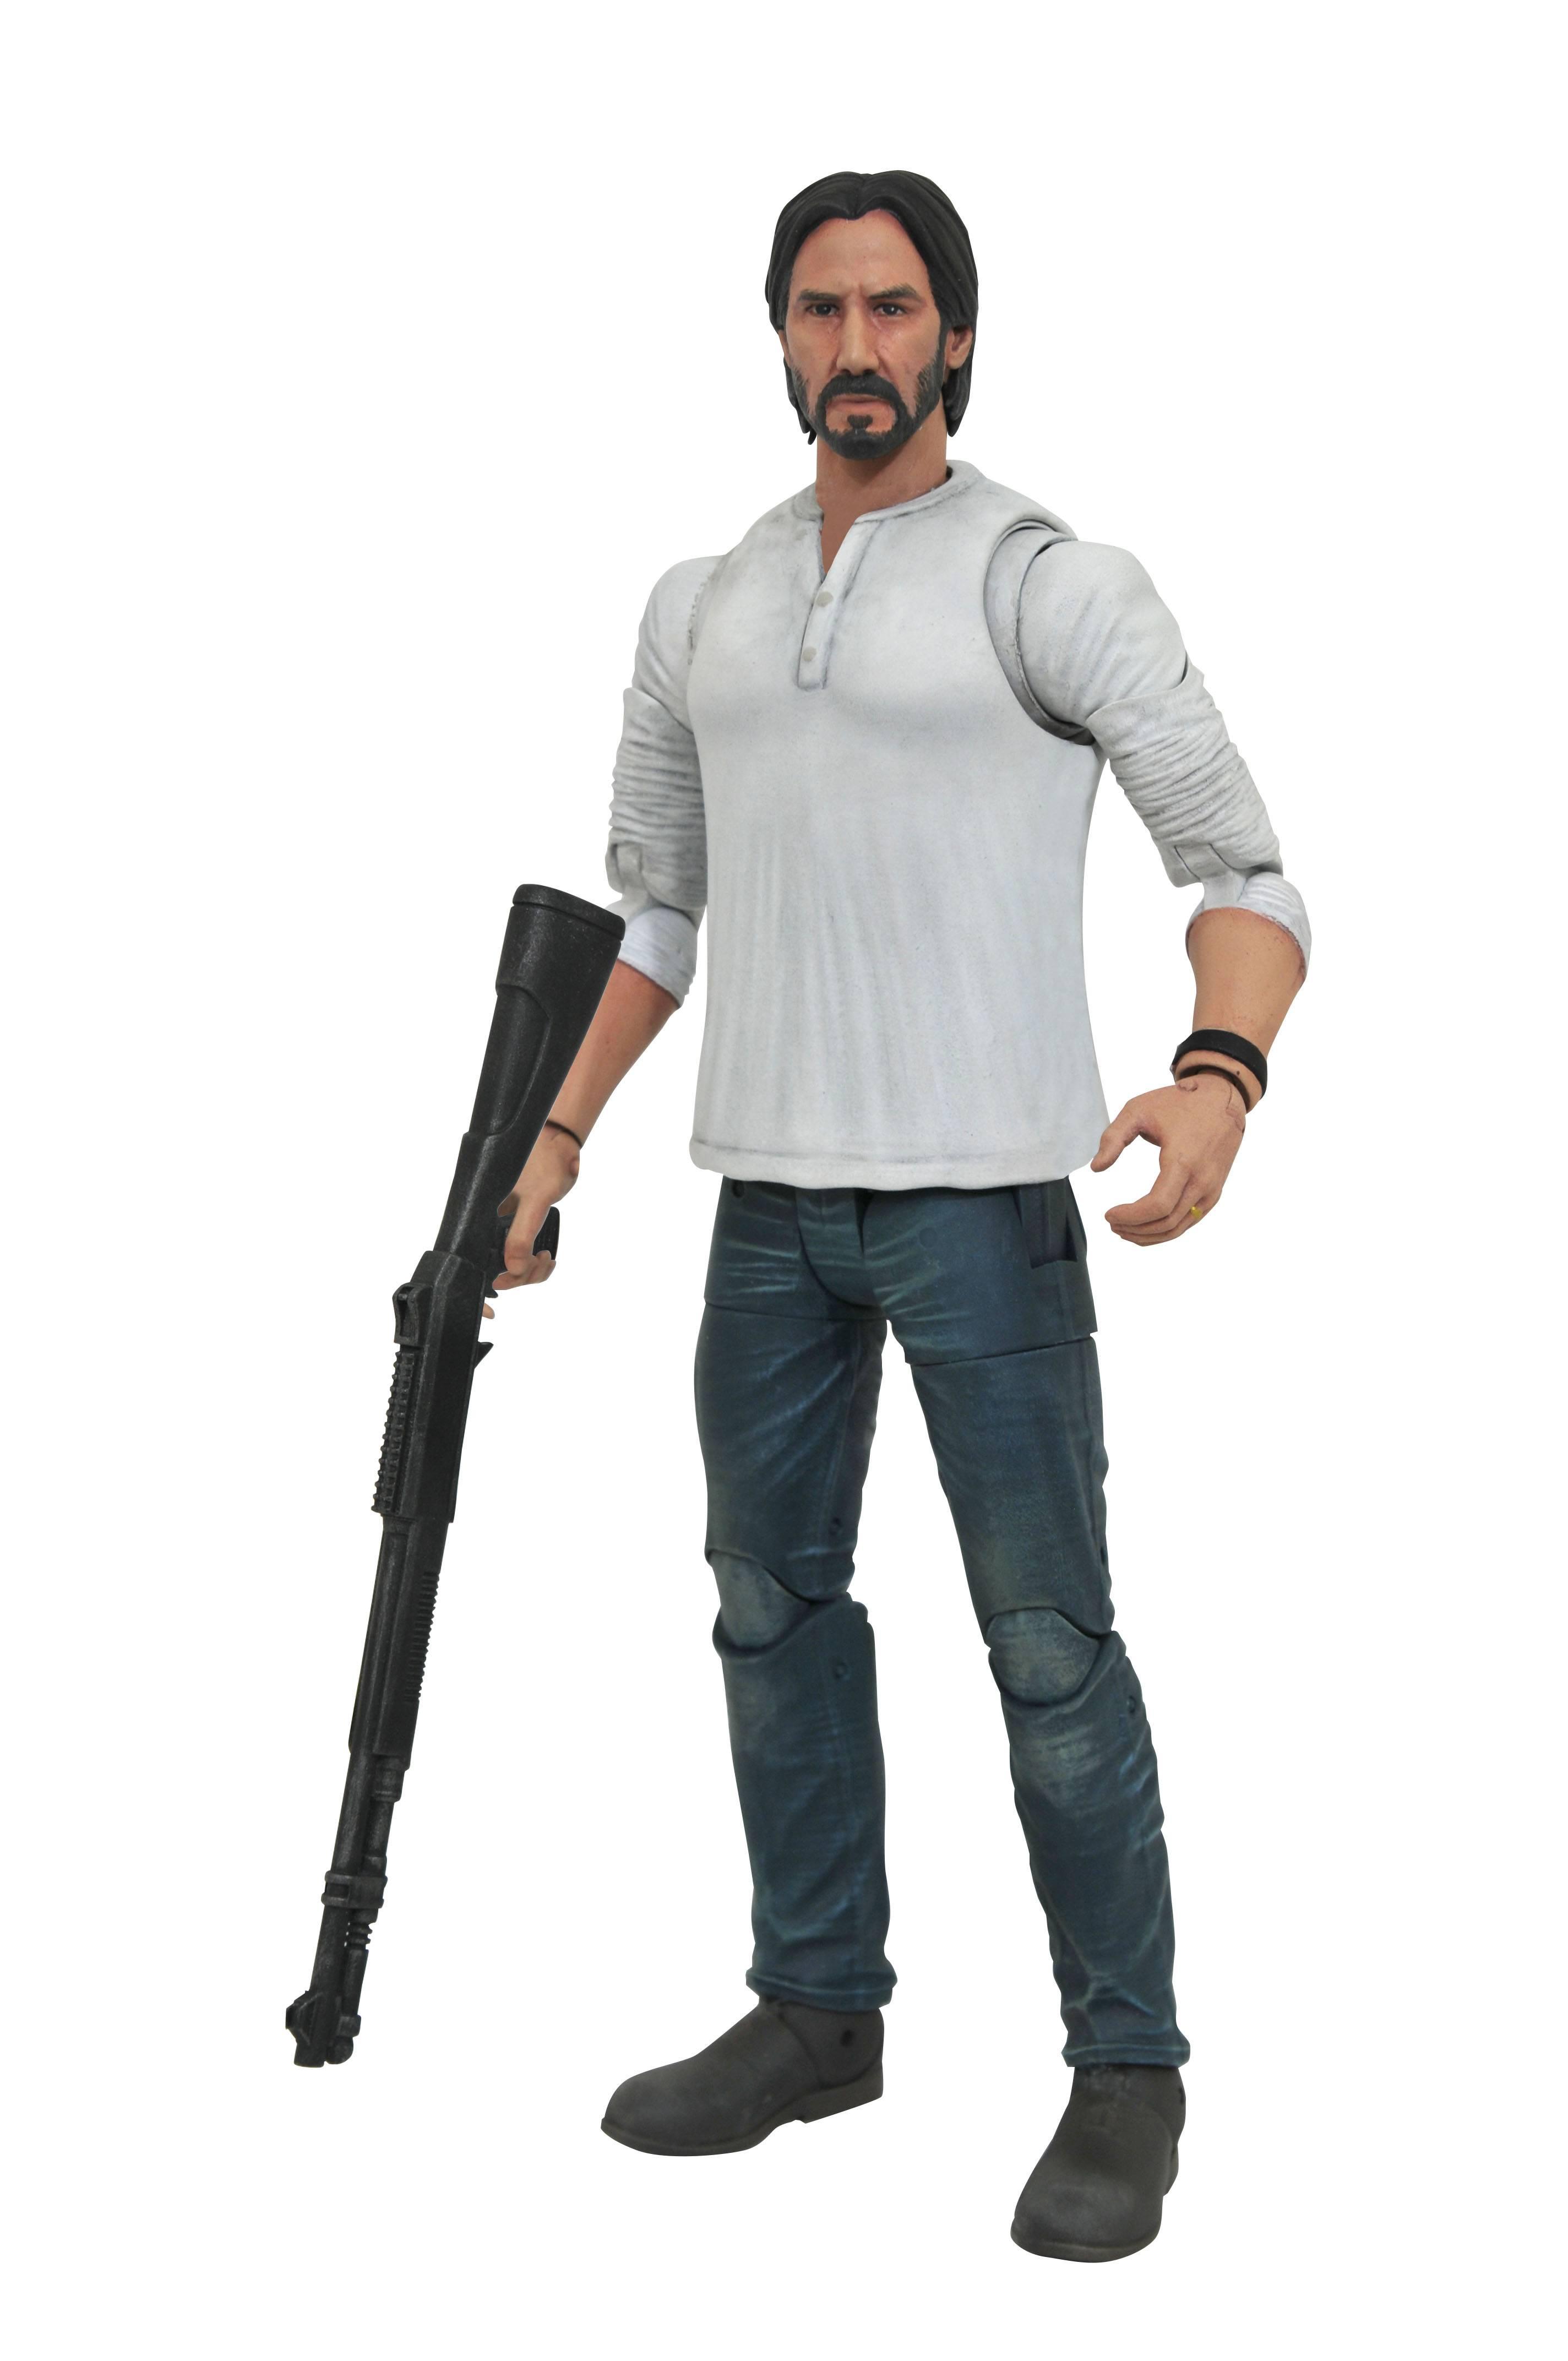 John Wick Select - Casual John Wick (White Shirt) Action Figure